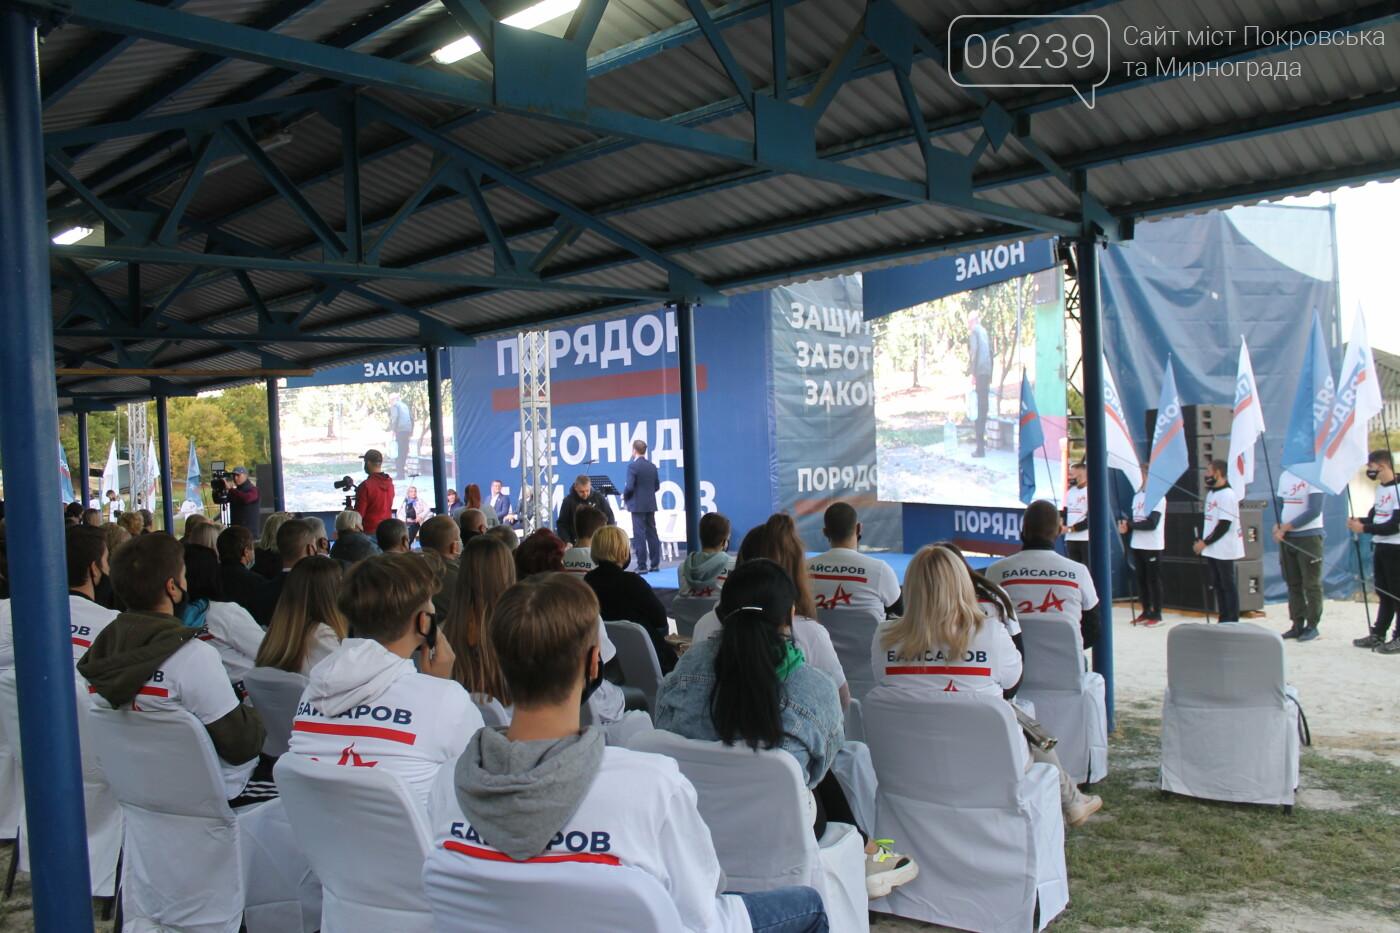 Состоялась объединенная областная конференция партии «Порядок», фото-55